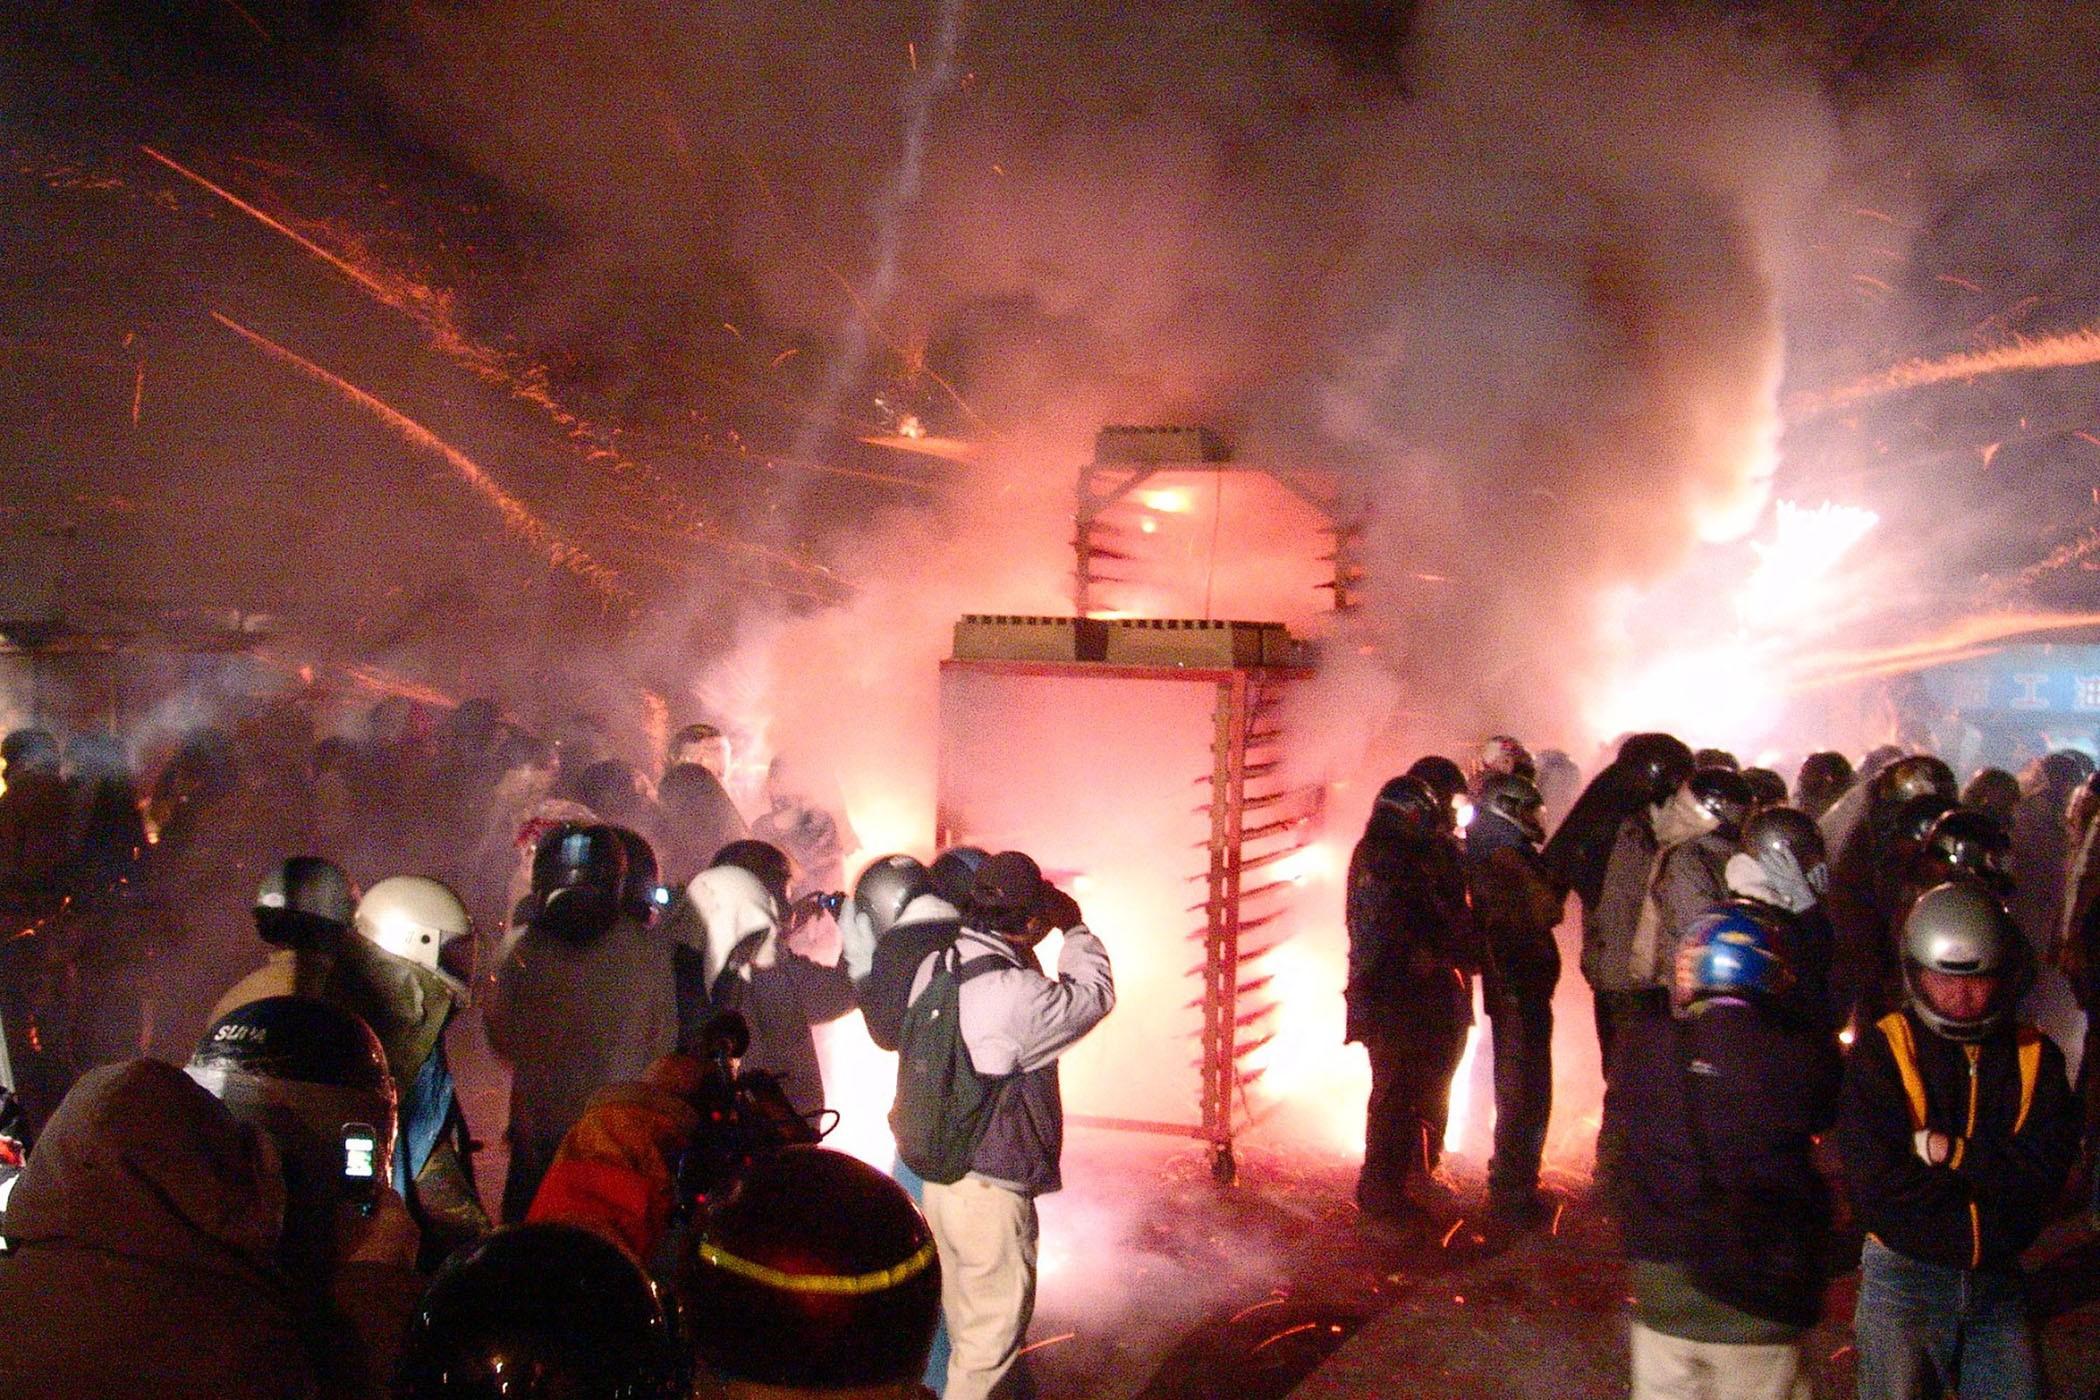 鹽水蜂炮展開,許多熱情民眾圍著享受被炸射的刺激感。